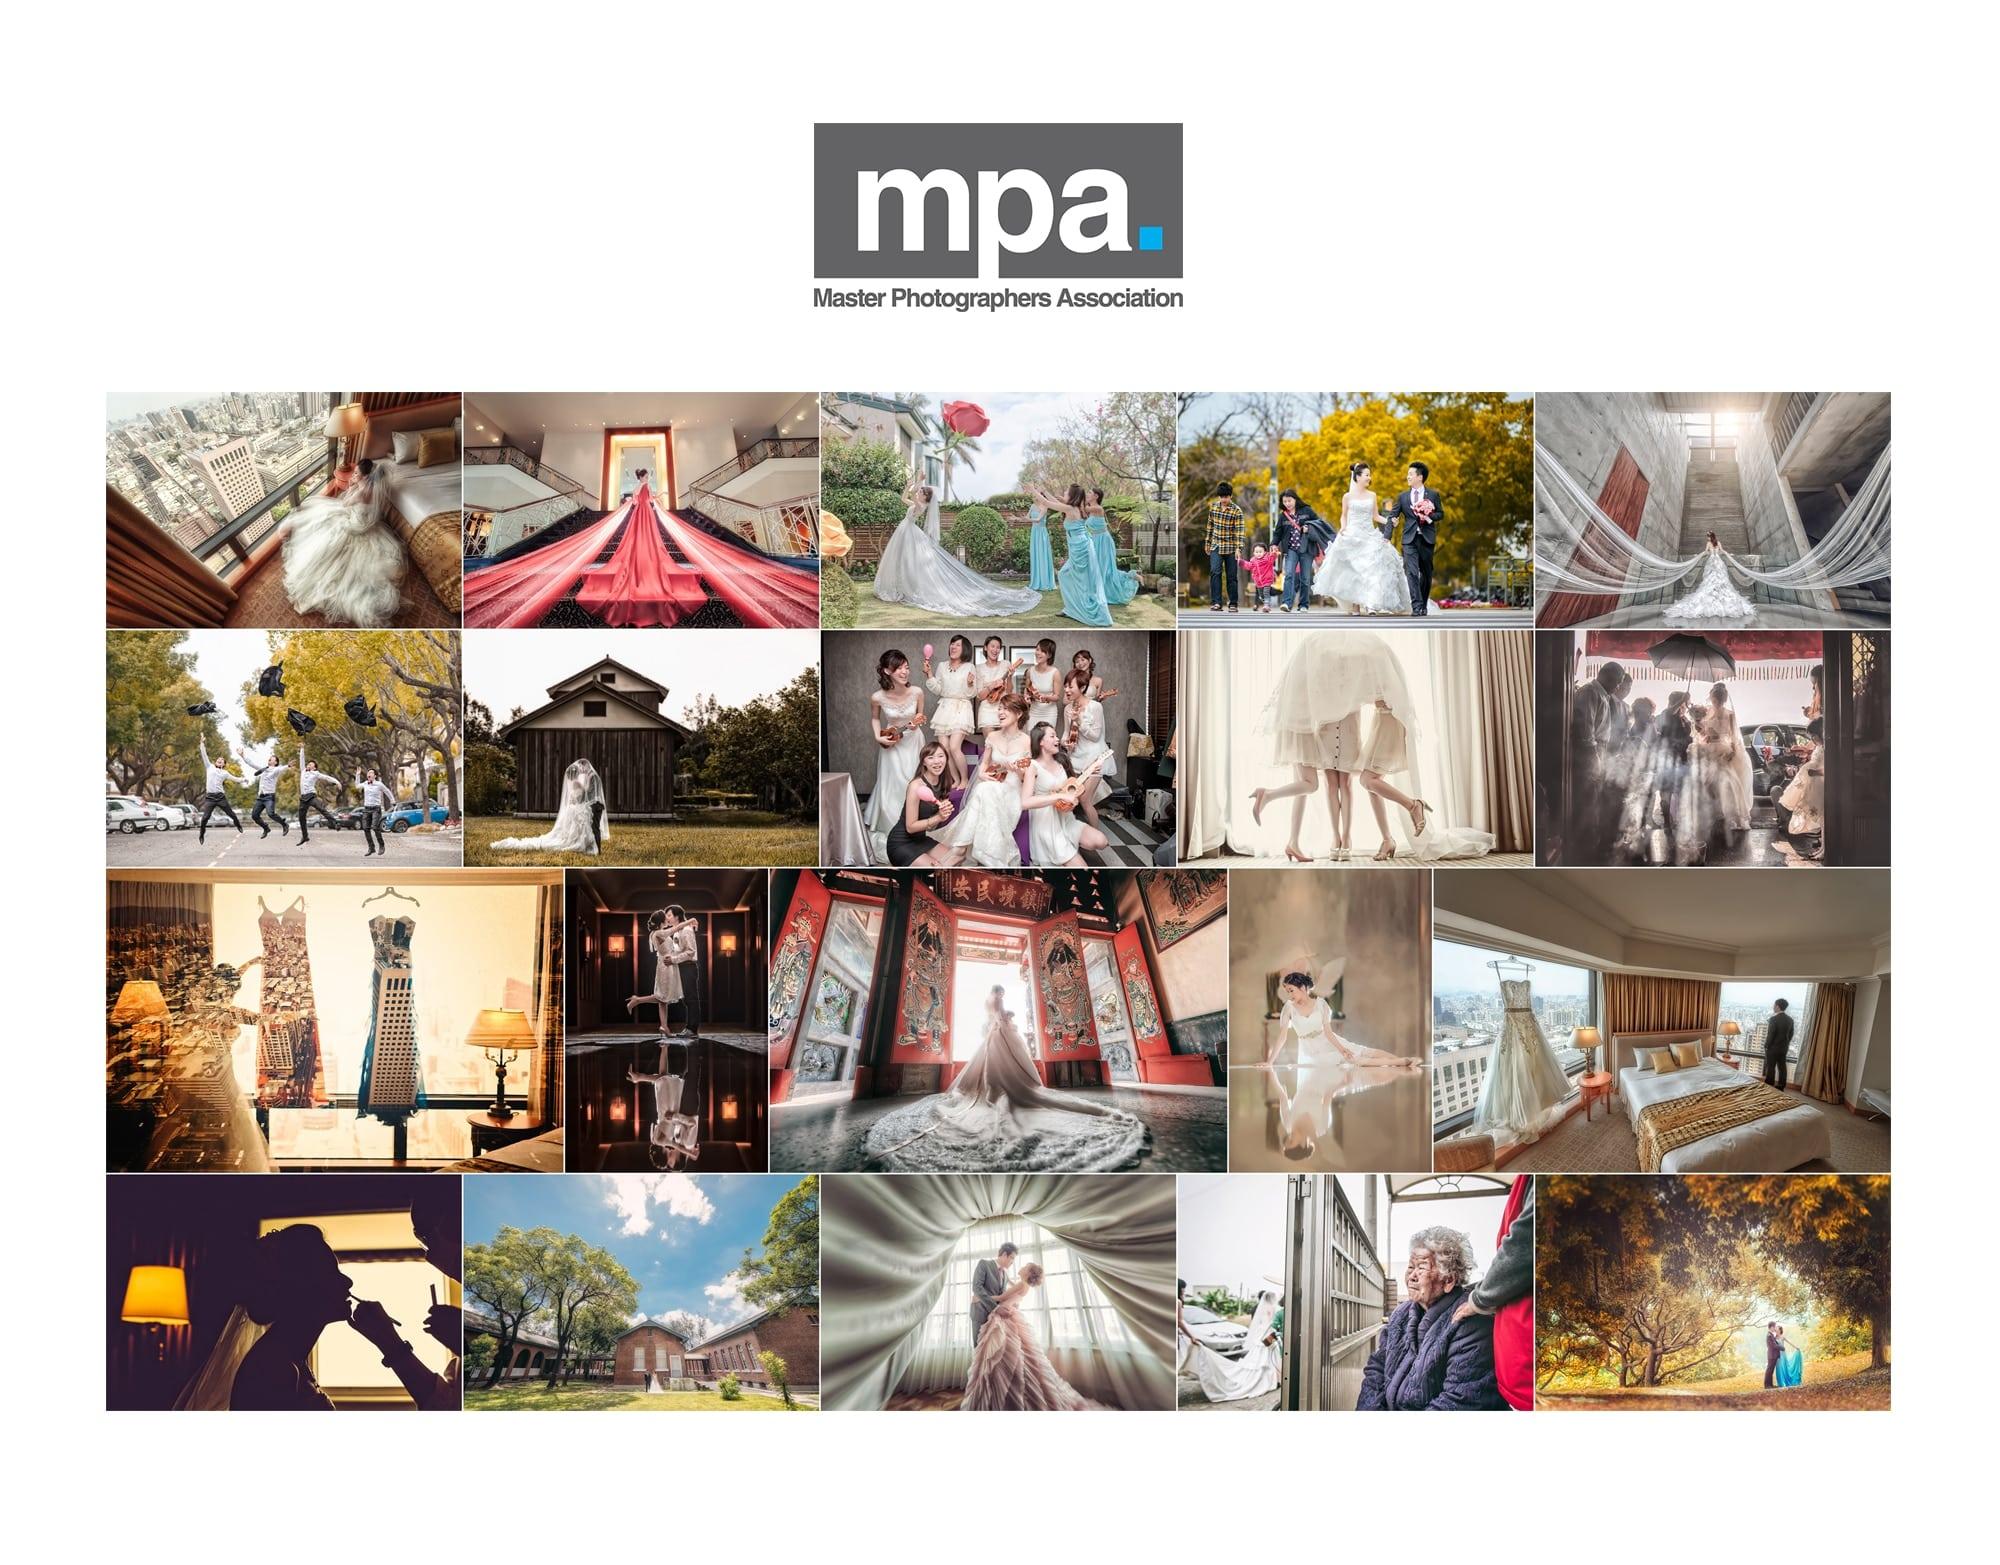 台灣首屆MPA (英國攝影大師協會) 考核通過